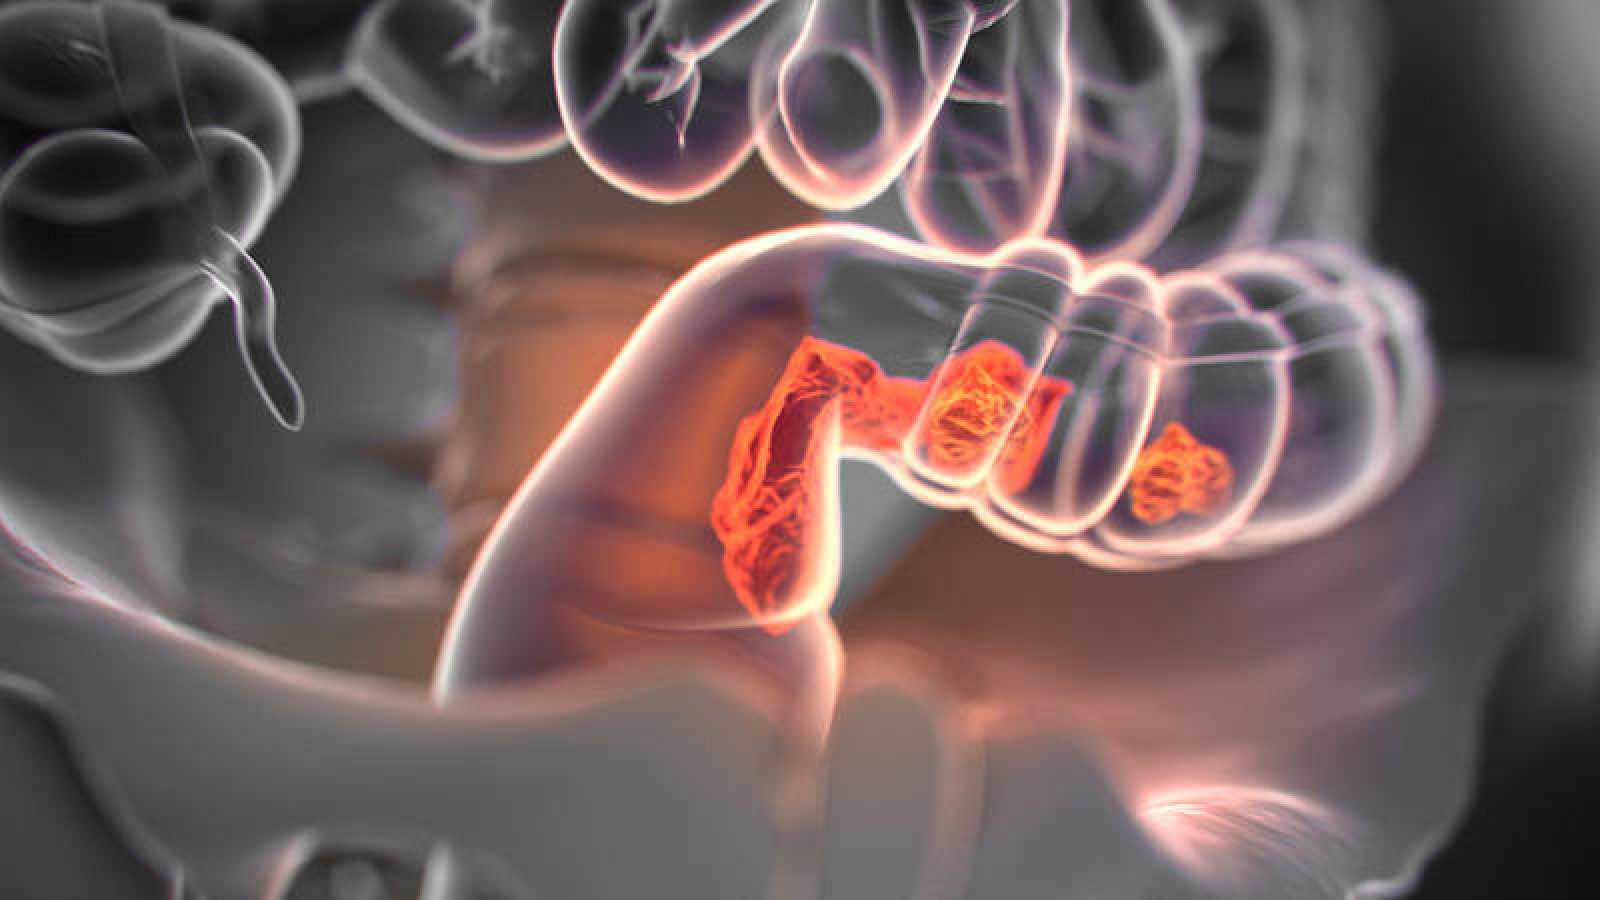 sintomas de cancer de colon infantil